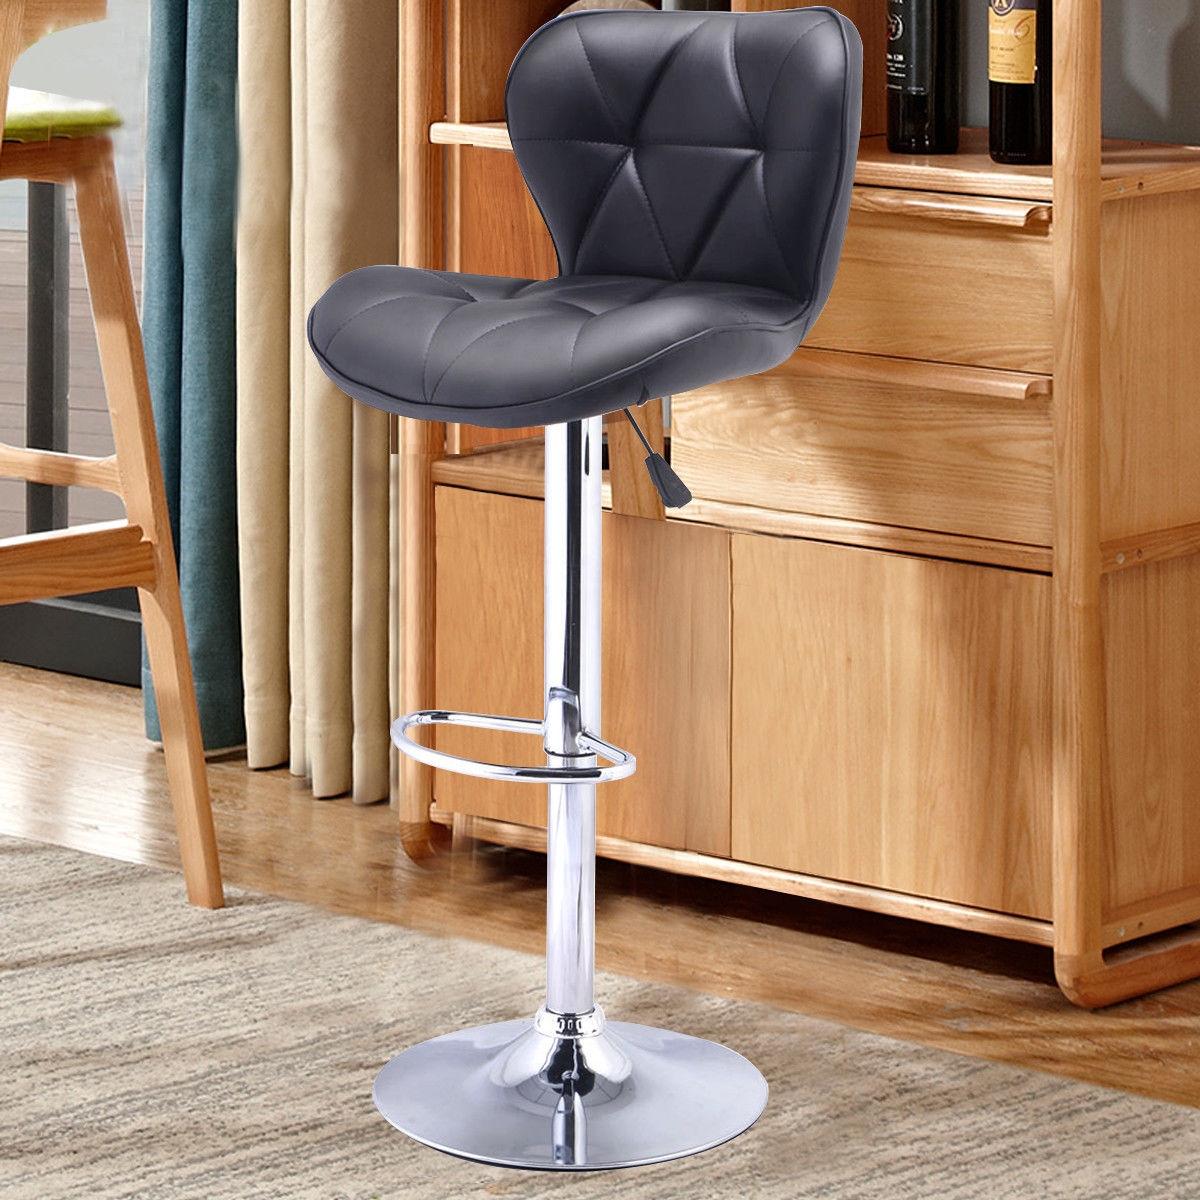 1 pcs Adjustable Swivel PU Leather Barstools